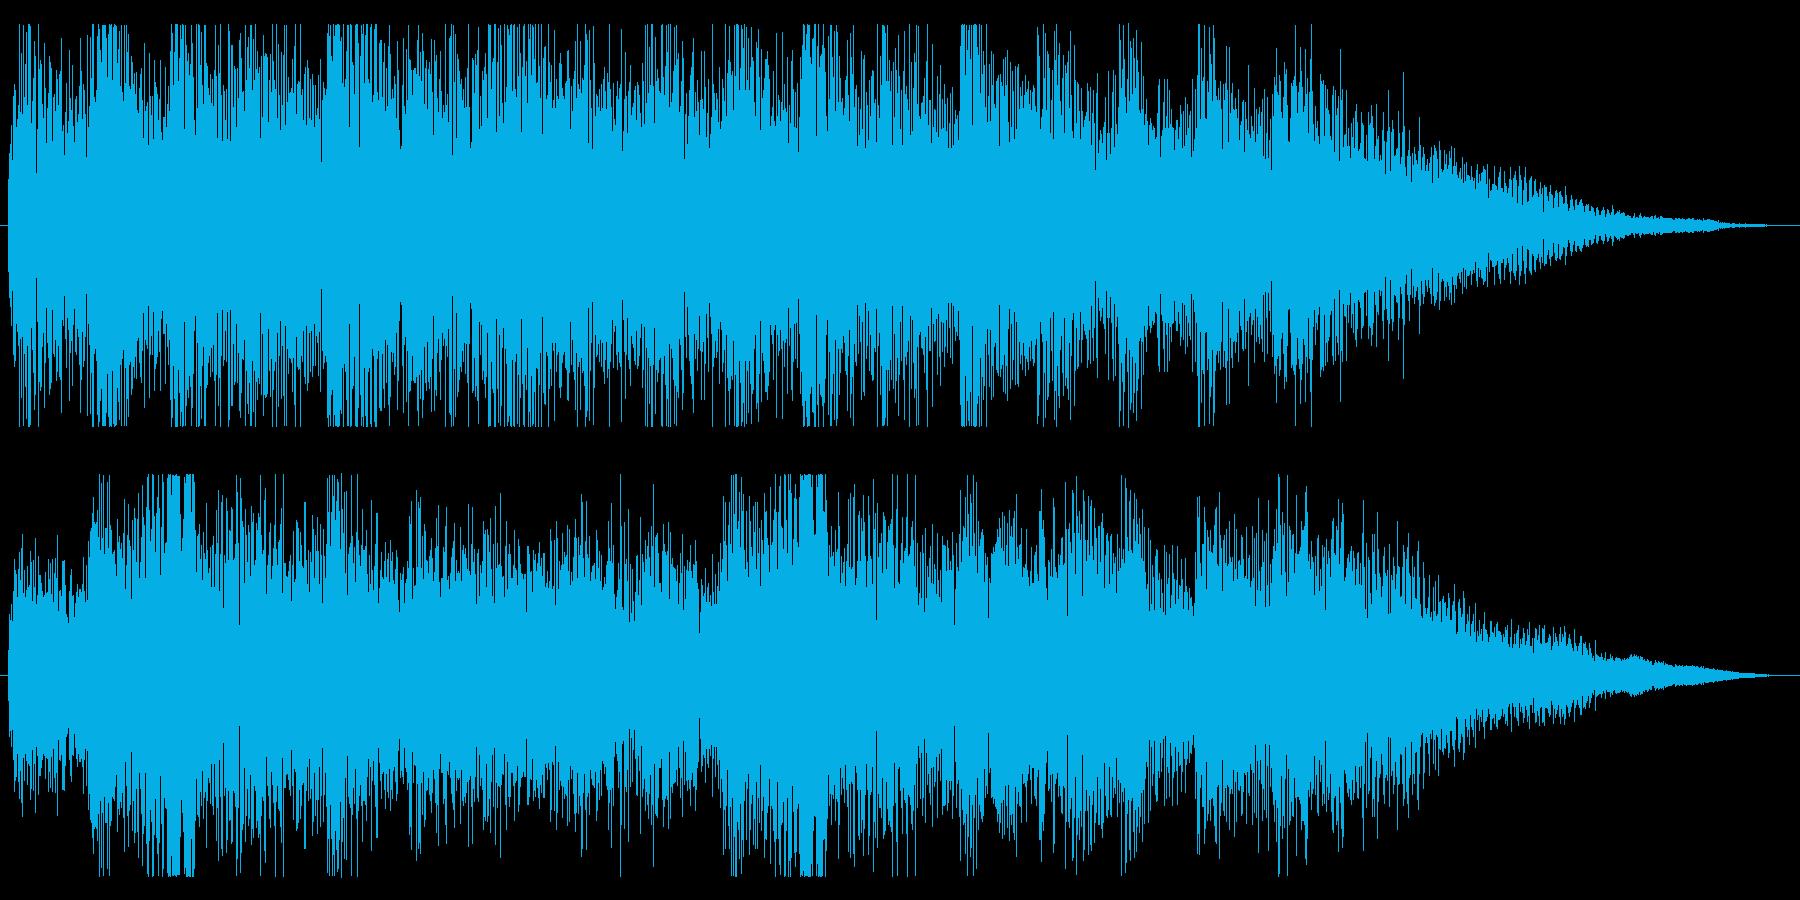 ミステリアスなピアノのジングル 場面転換の再生済みの波形